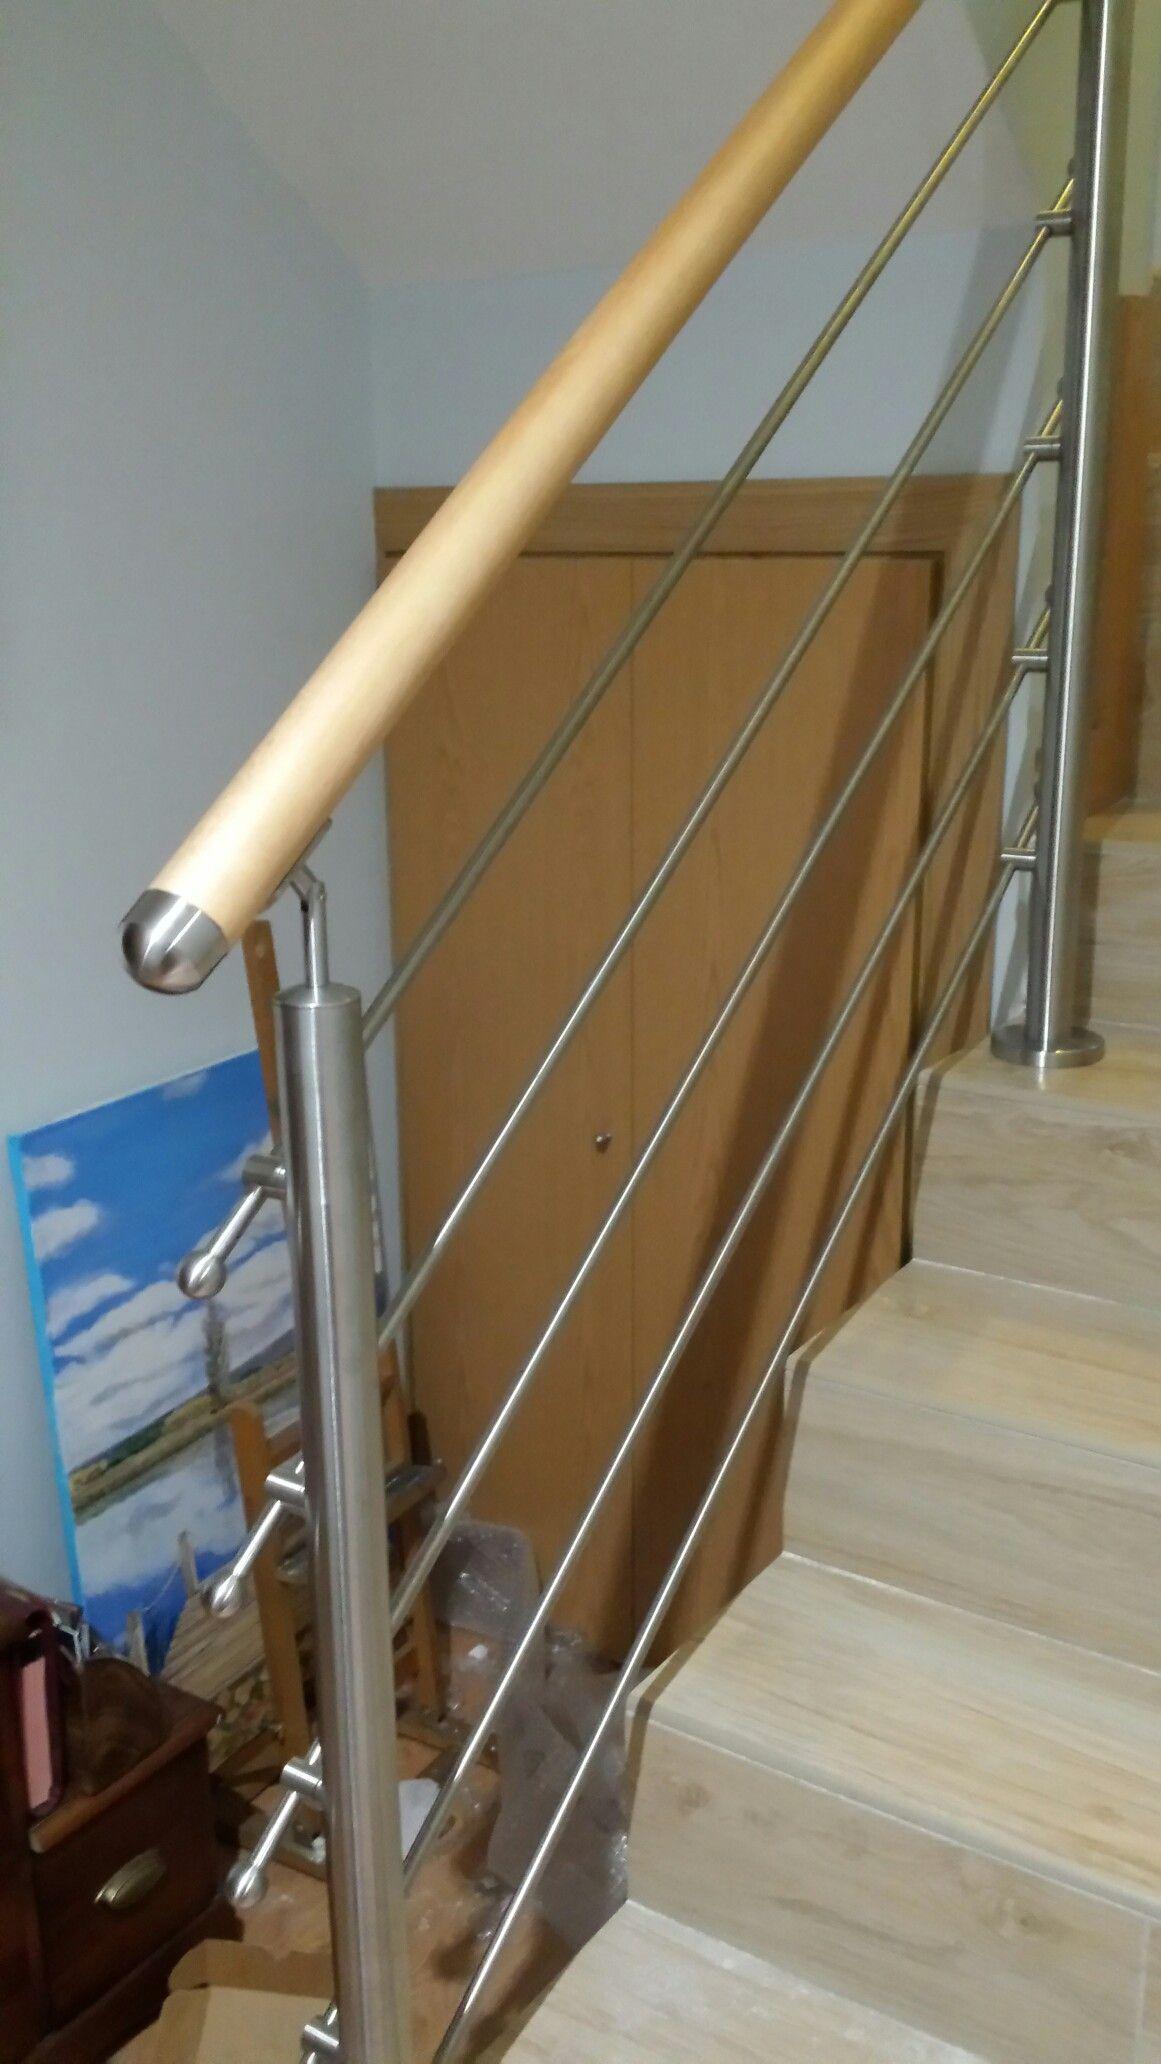 barandilla en acero inoxidable con pasamanos de madera | puertas ...